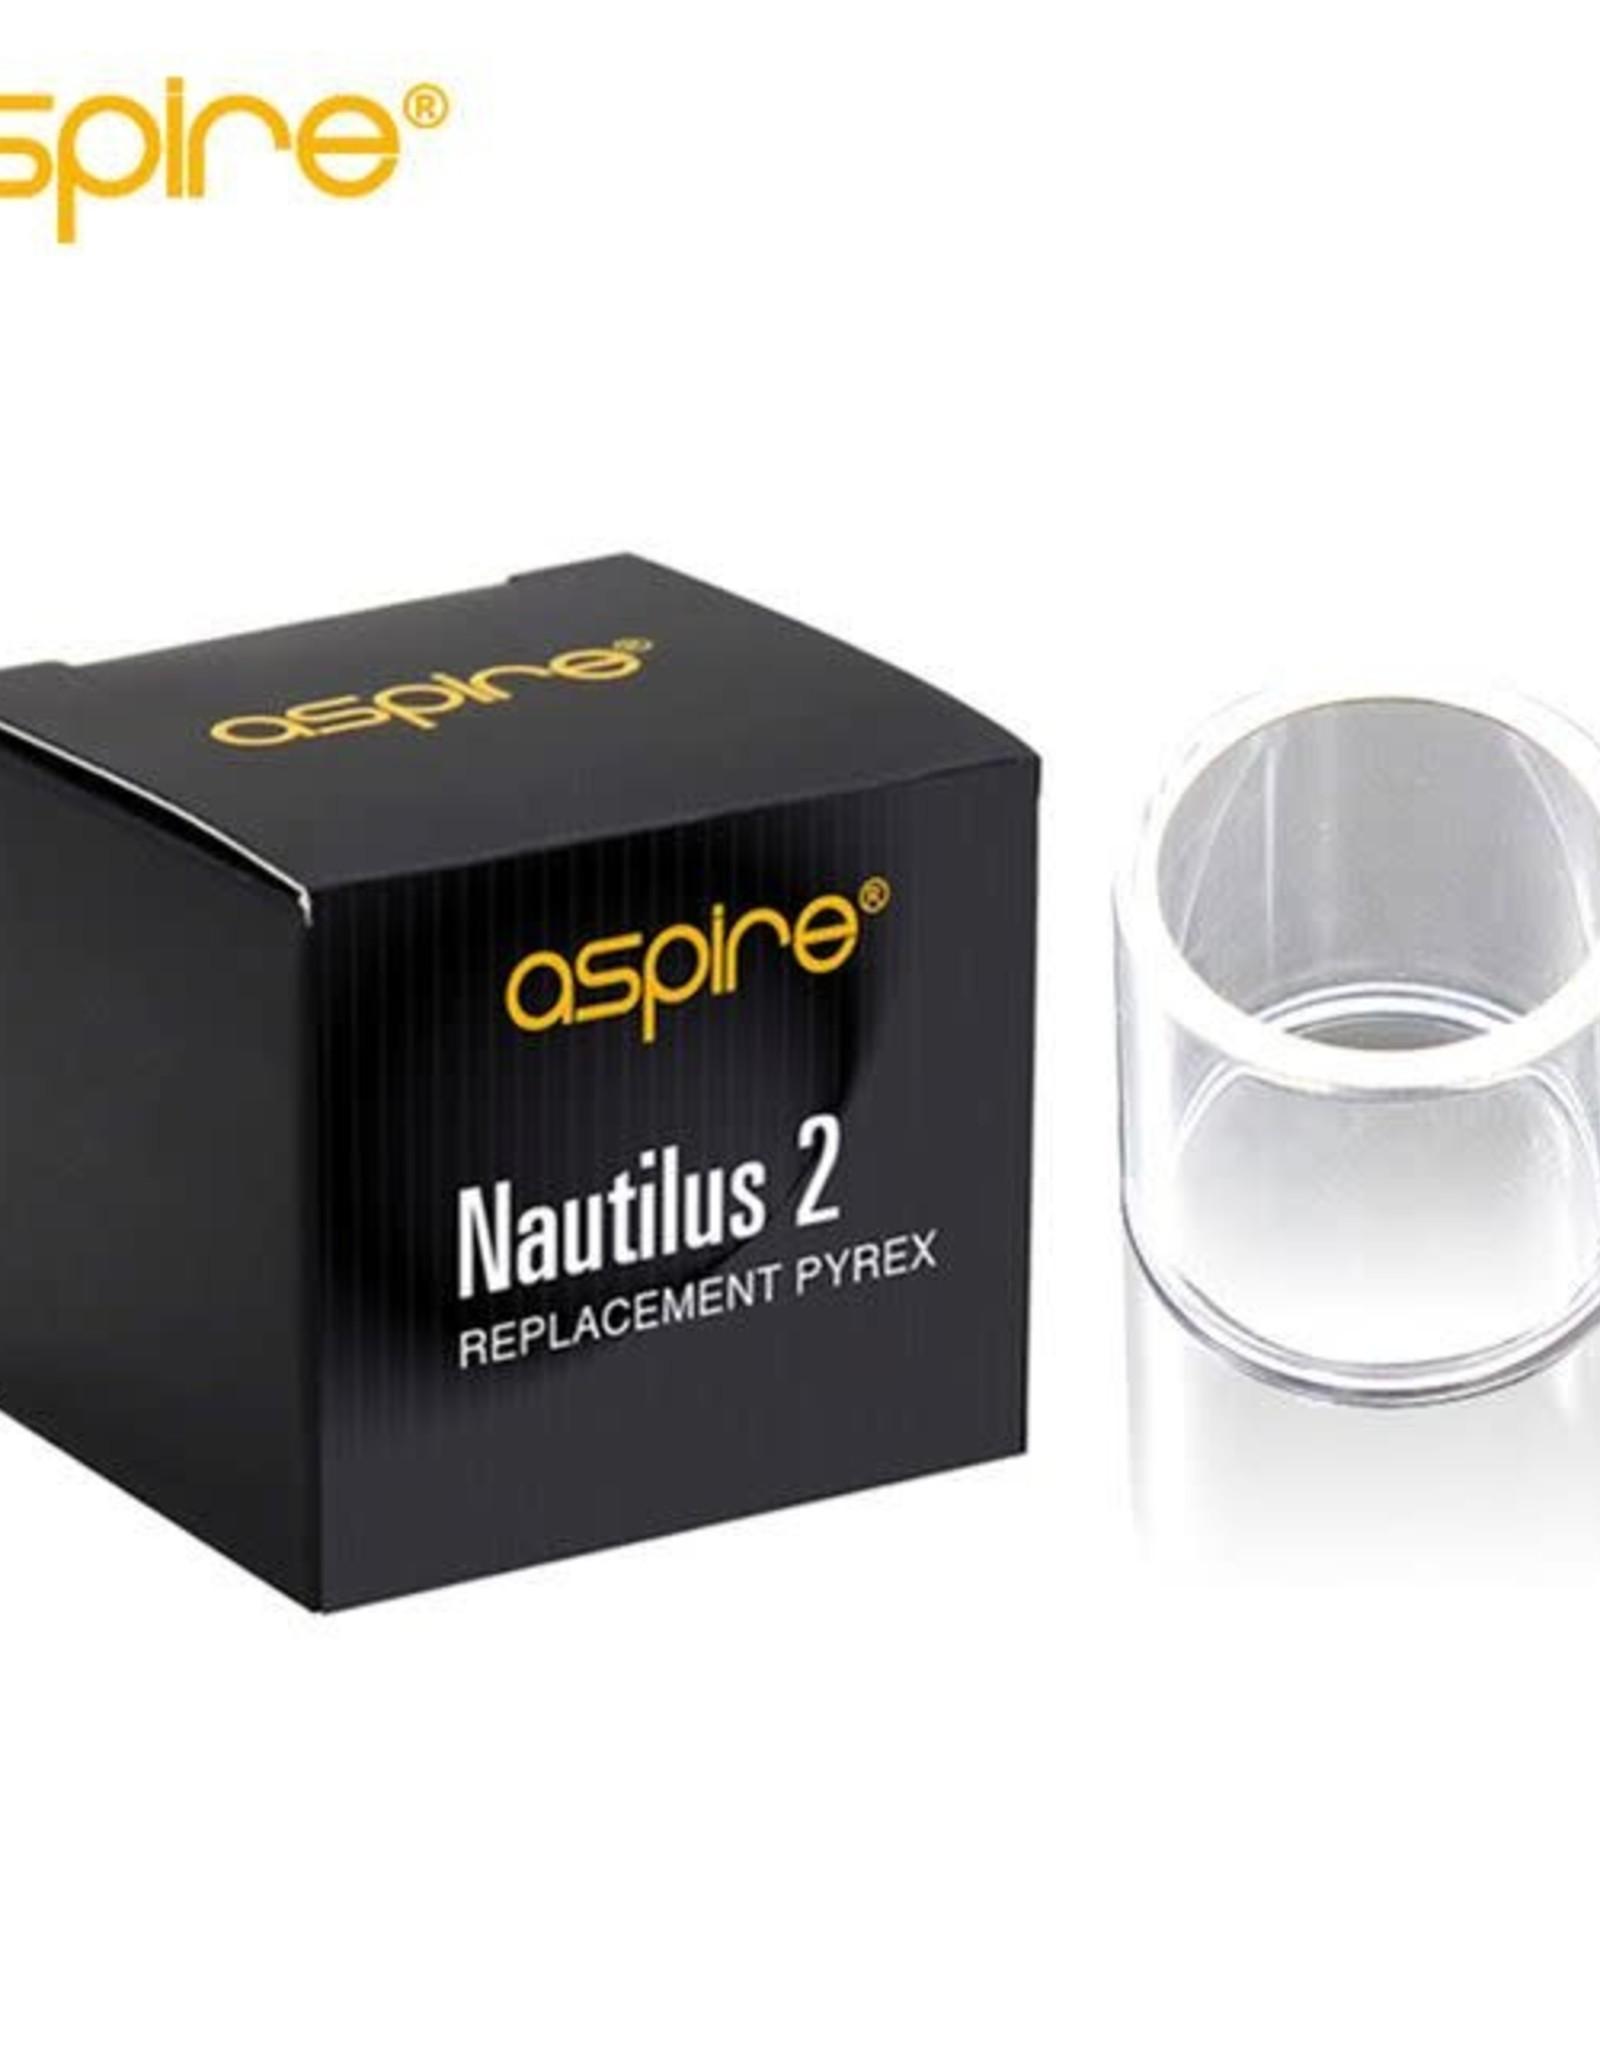 Aspire Aspire Nautilus 2 Glas